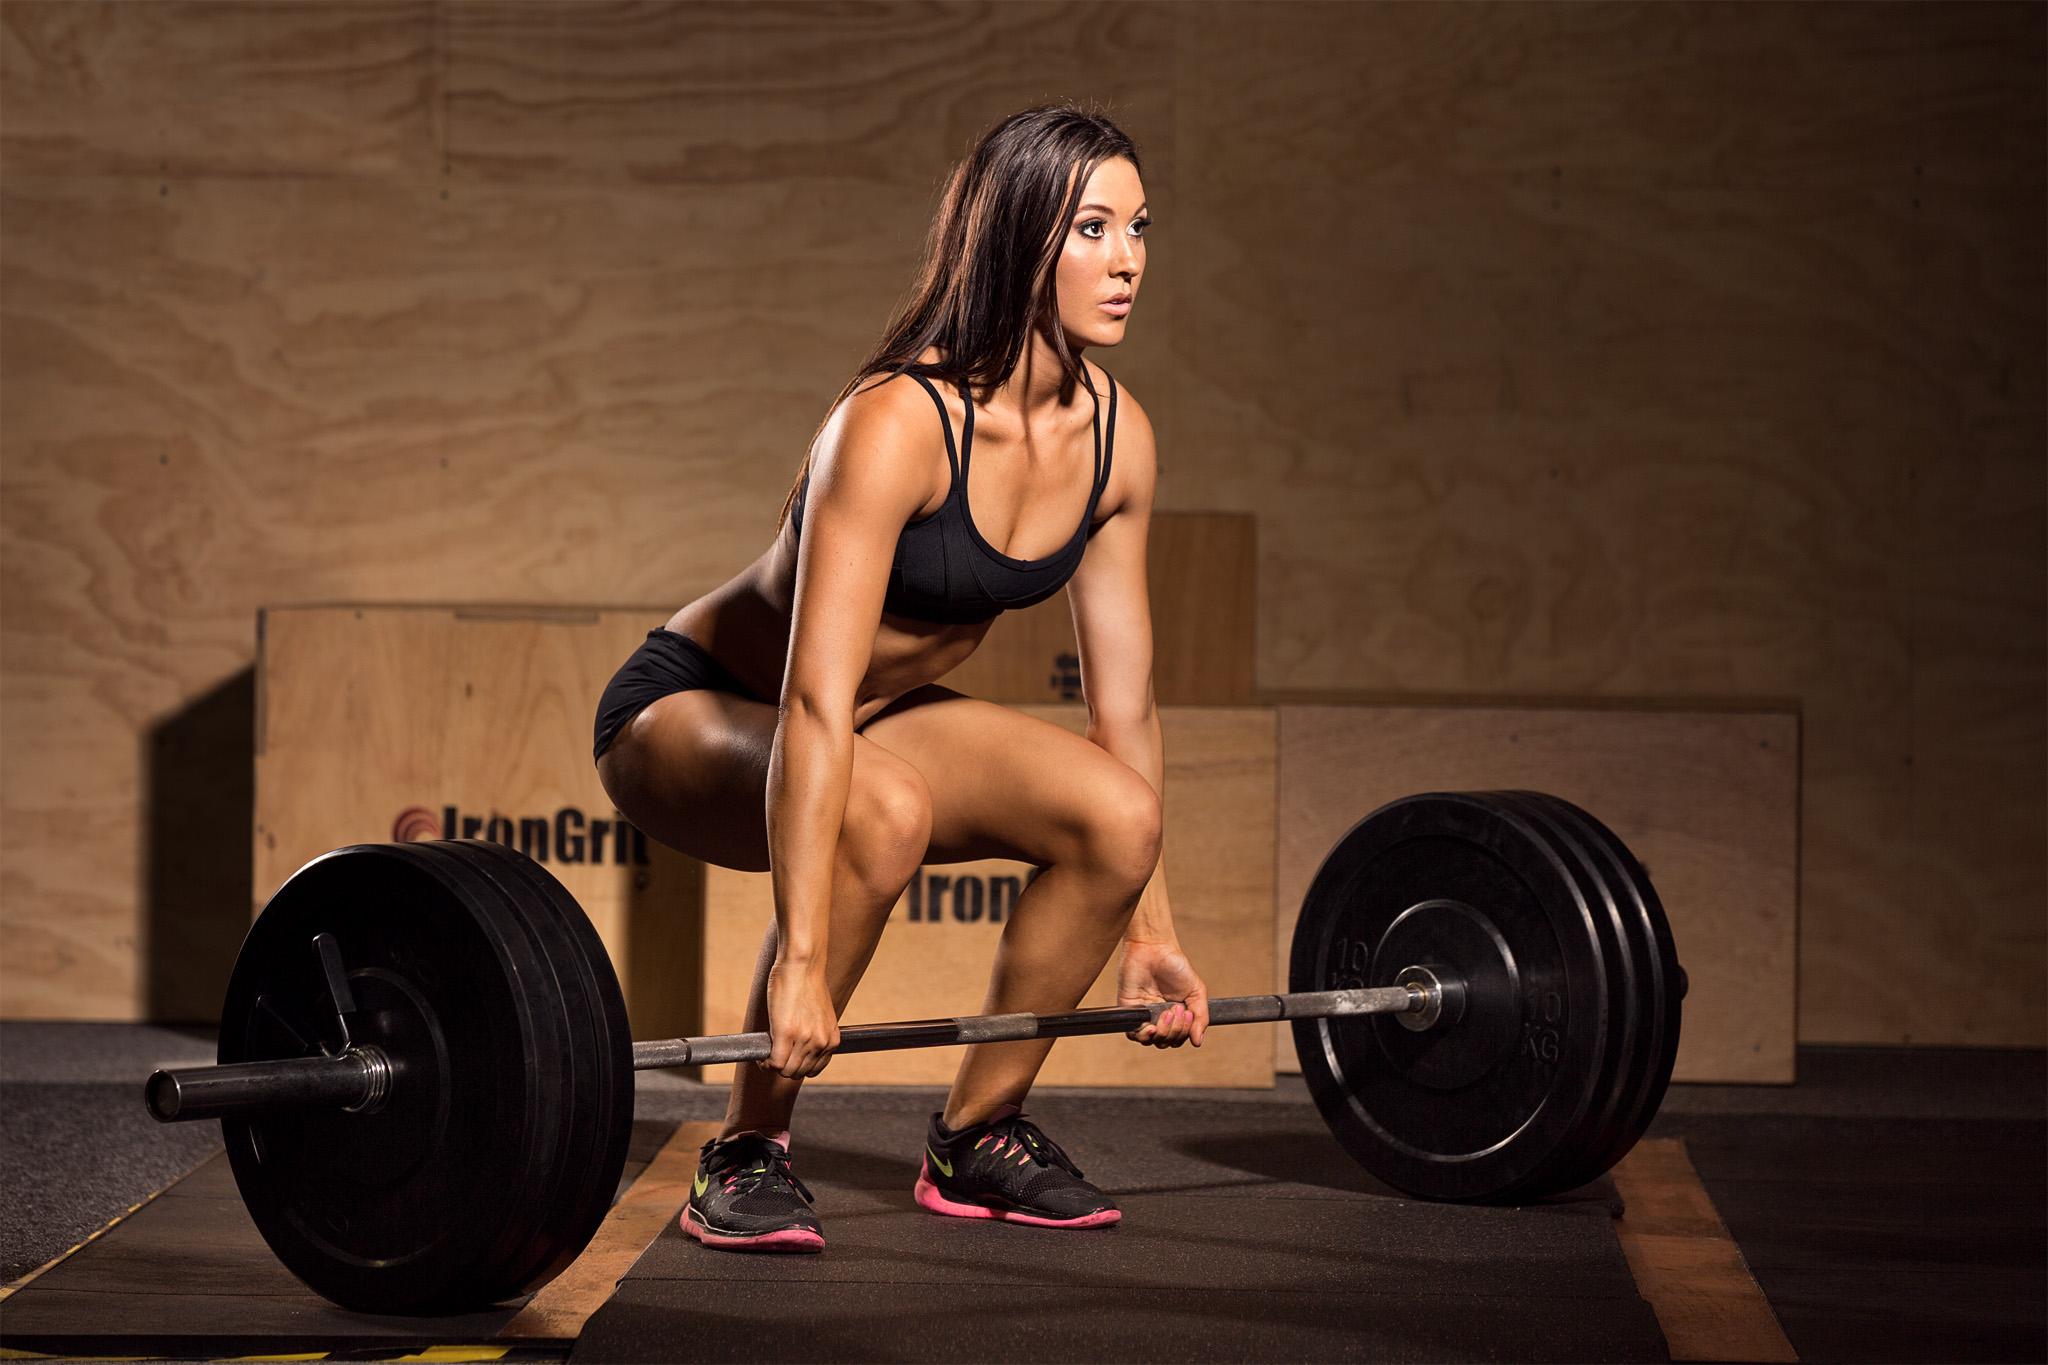 deadlift-fitness-girl-in-gym